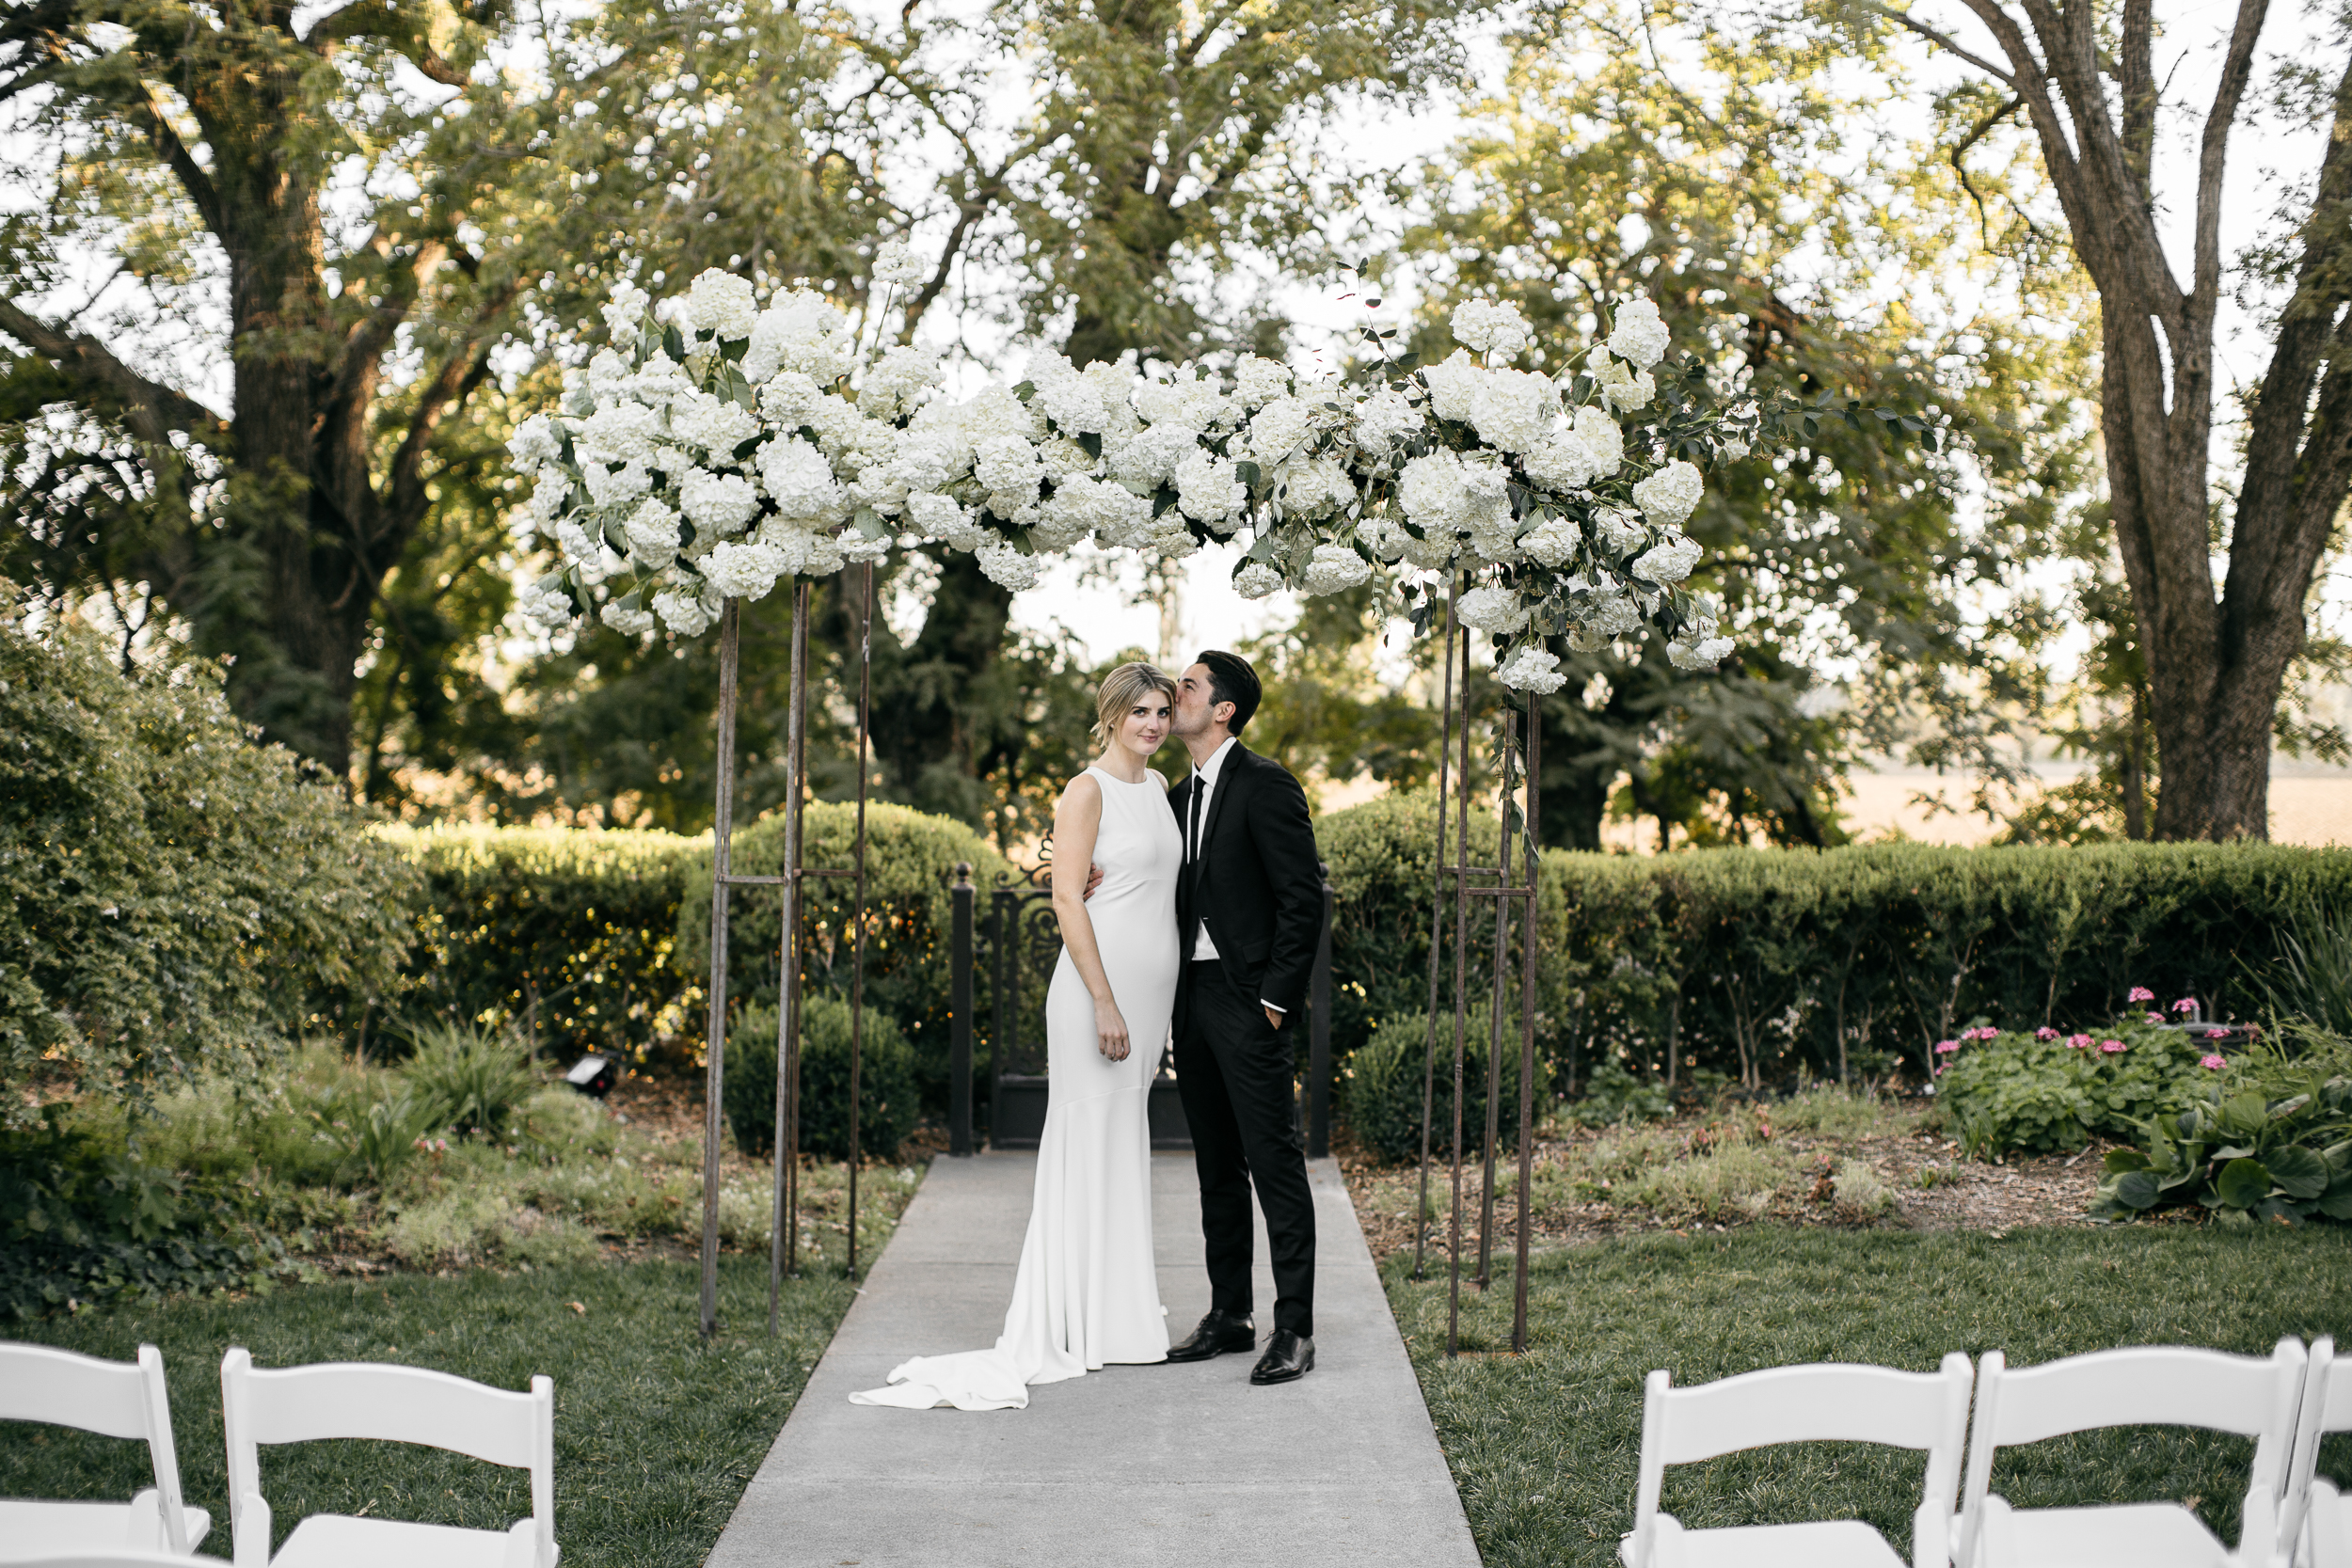 Lauren_Graham_Park_Winters_California_Wedding_JeanLaurentGaudy_522.jpg